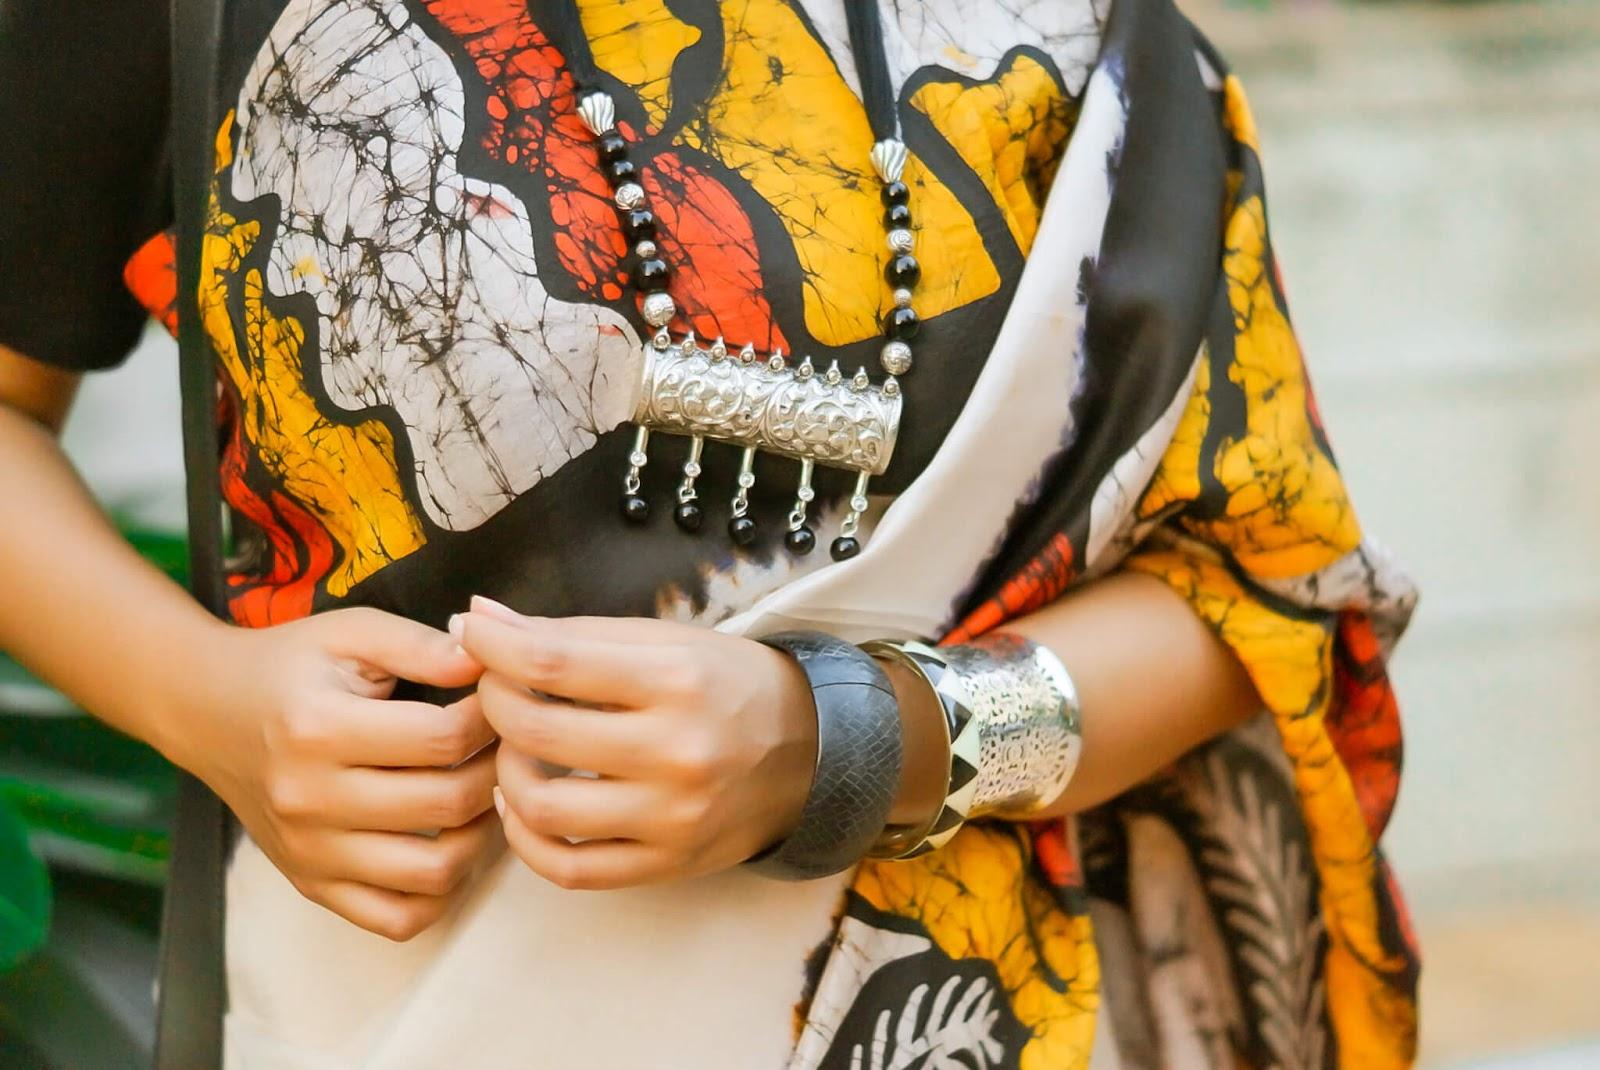 saree as work wear, wear saree to office , batik saree